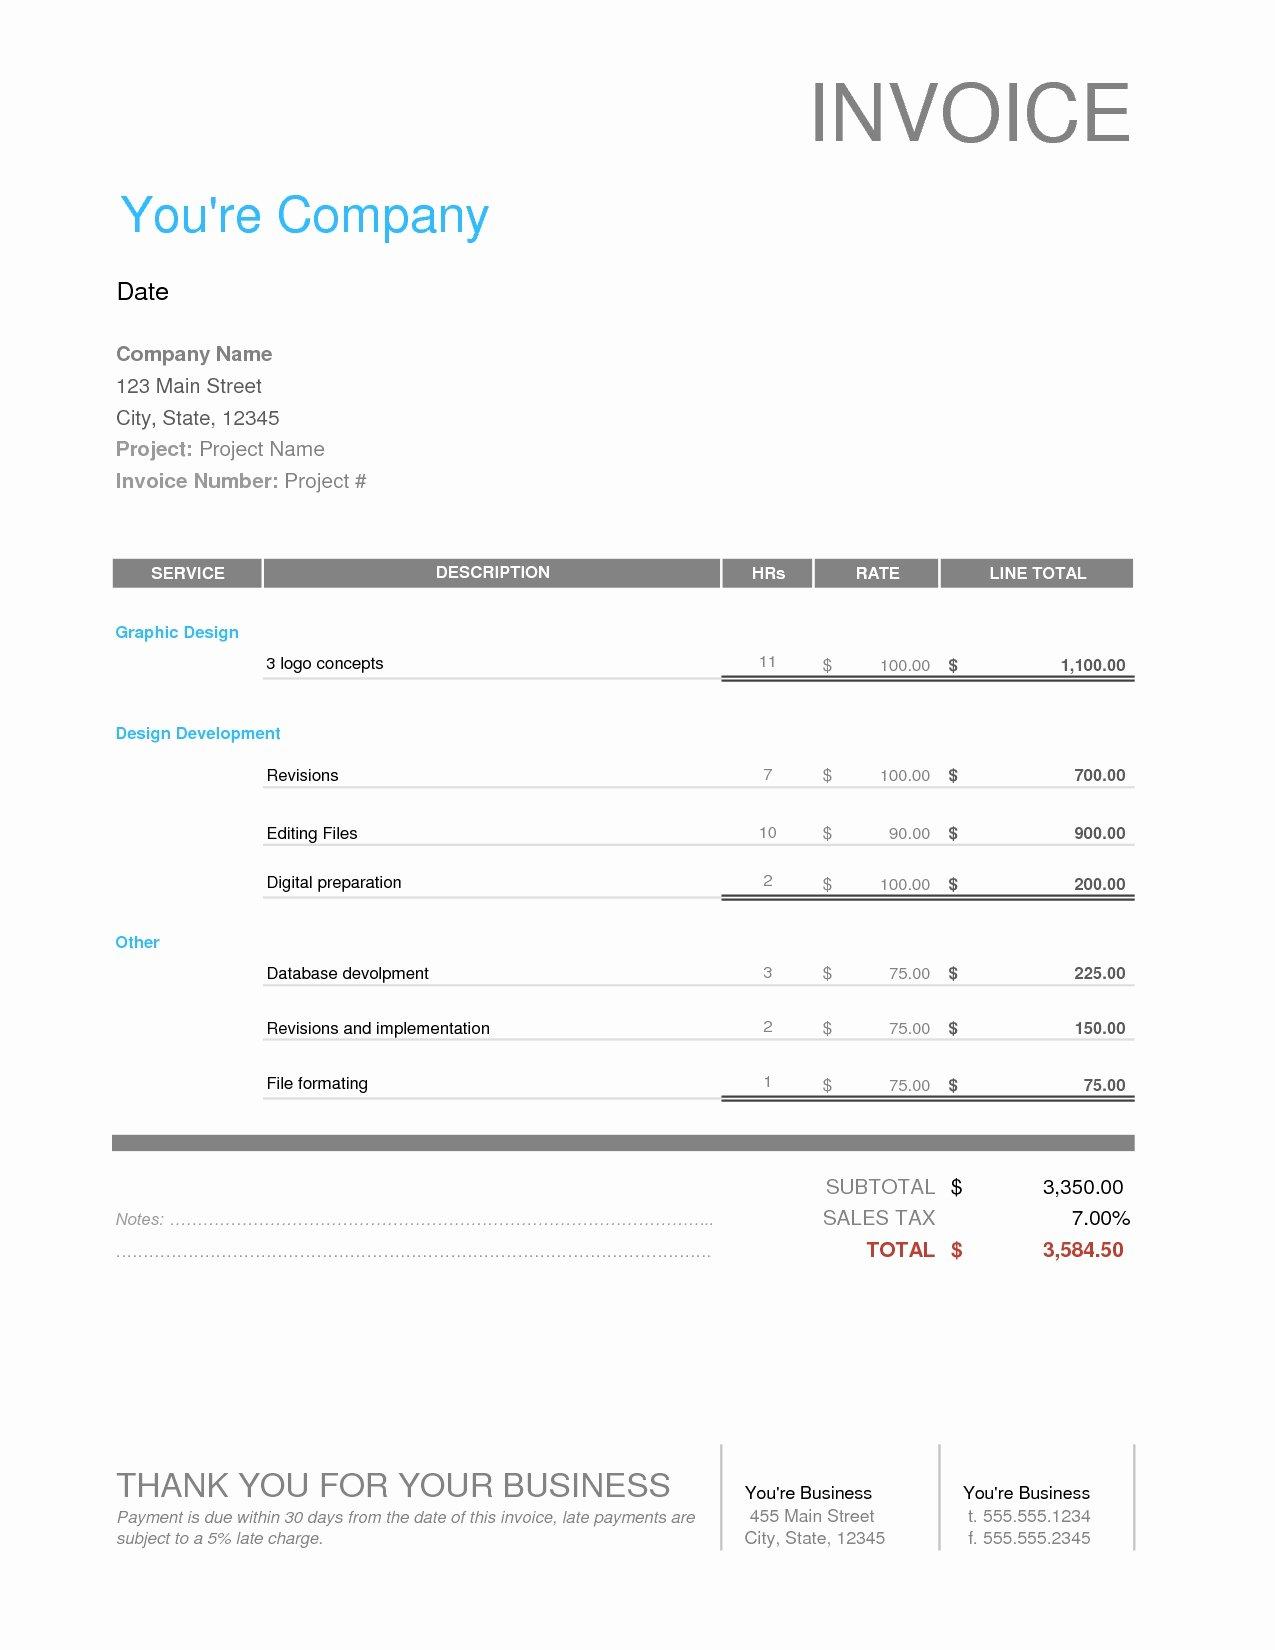 Website Design Invoice Template Beautiful Web Design Invoice Template Invoice Template Ideas